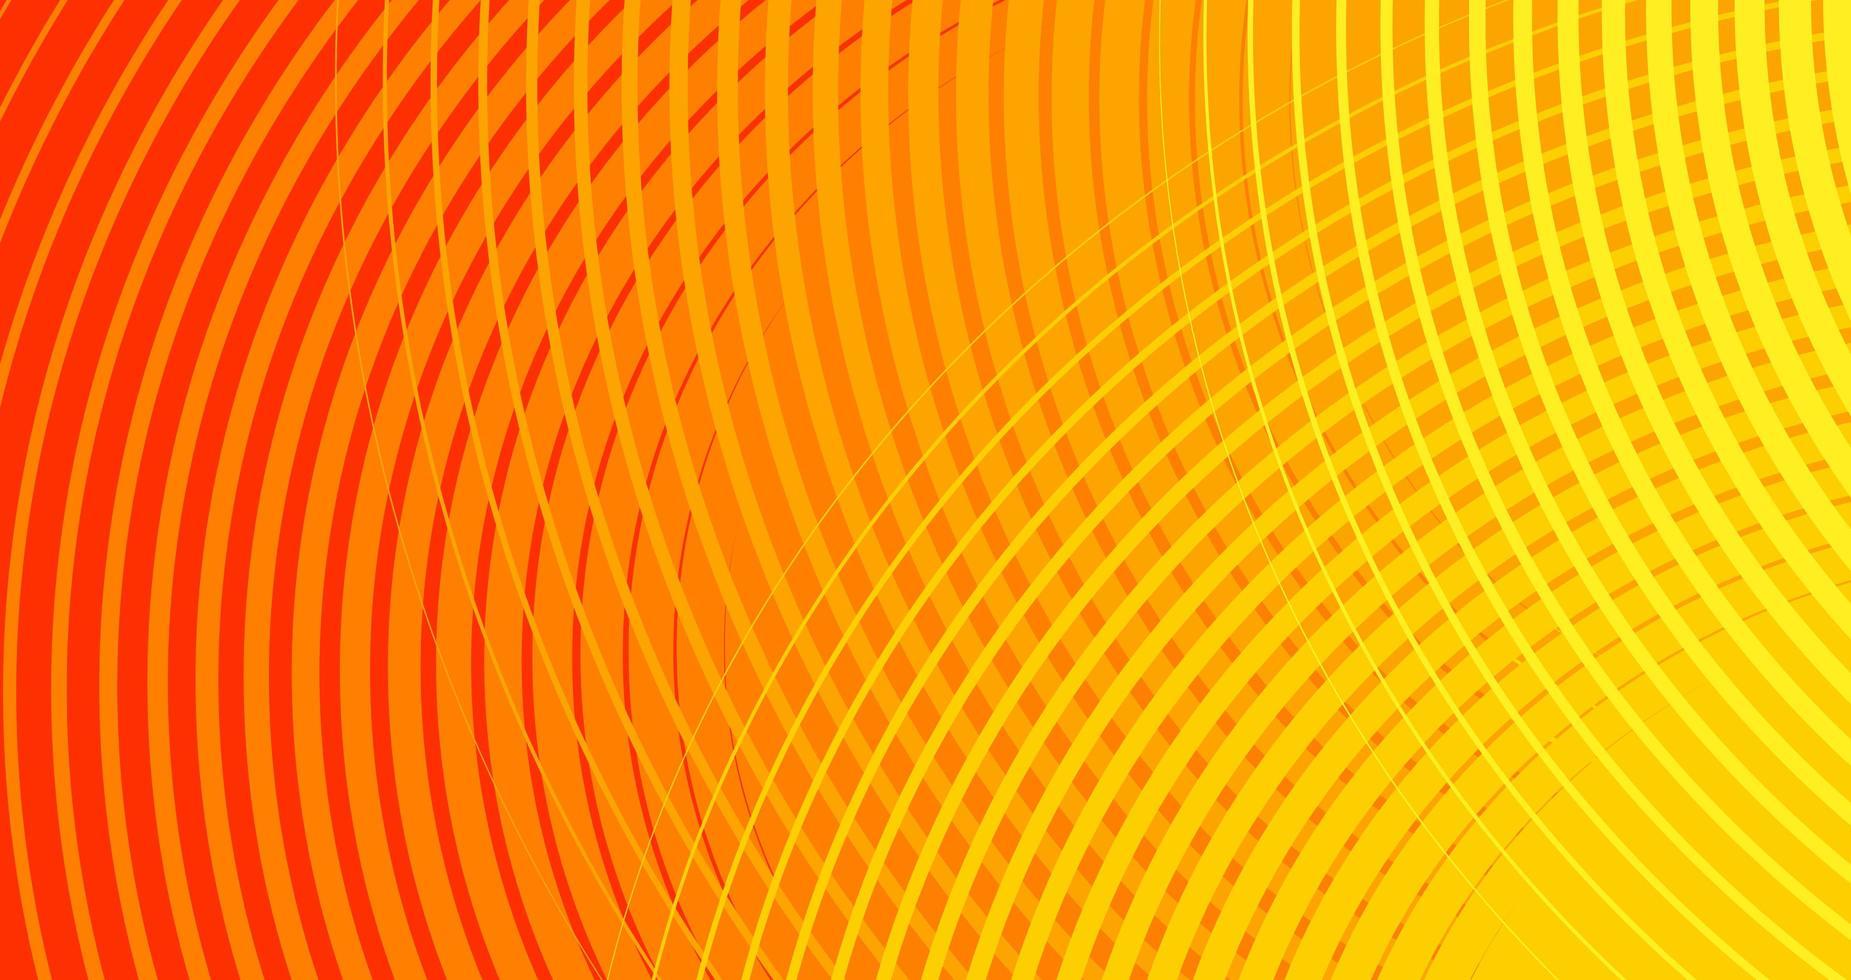 gelaagde lijnen verloop abstracte achtergrond vector